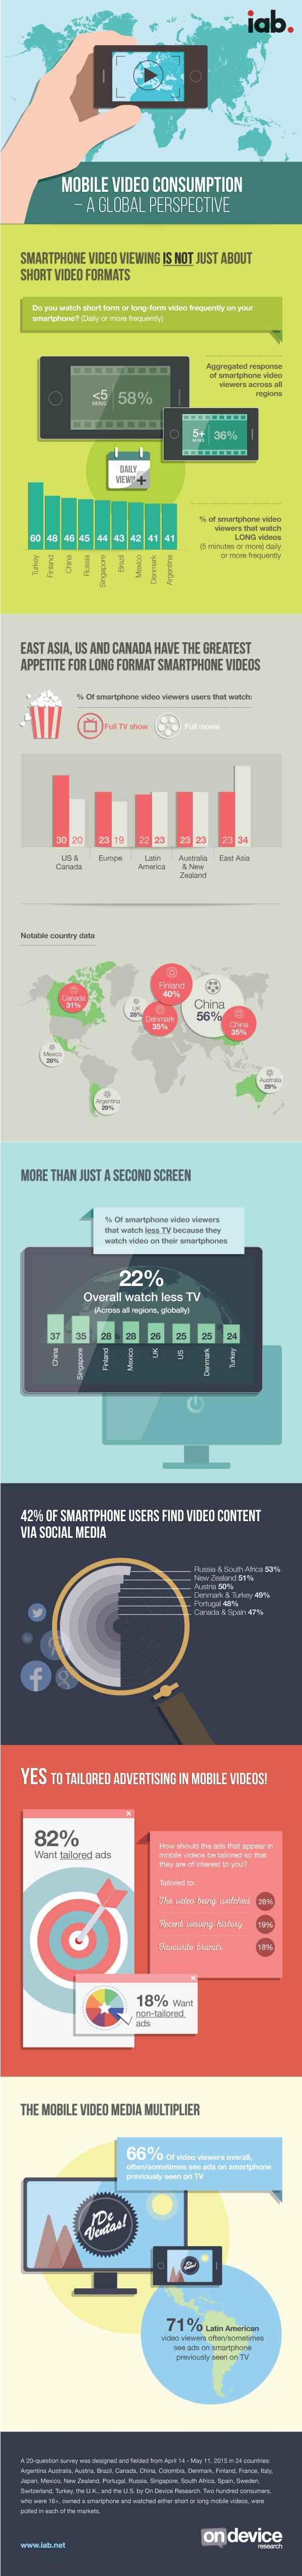 IAB-Global-Mobile-Video-Usage-2015-Infographic